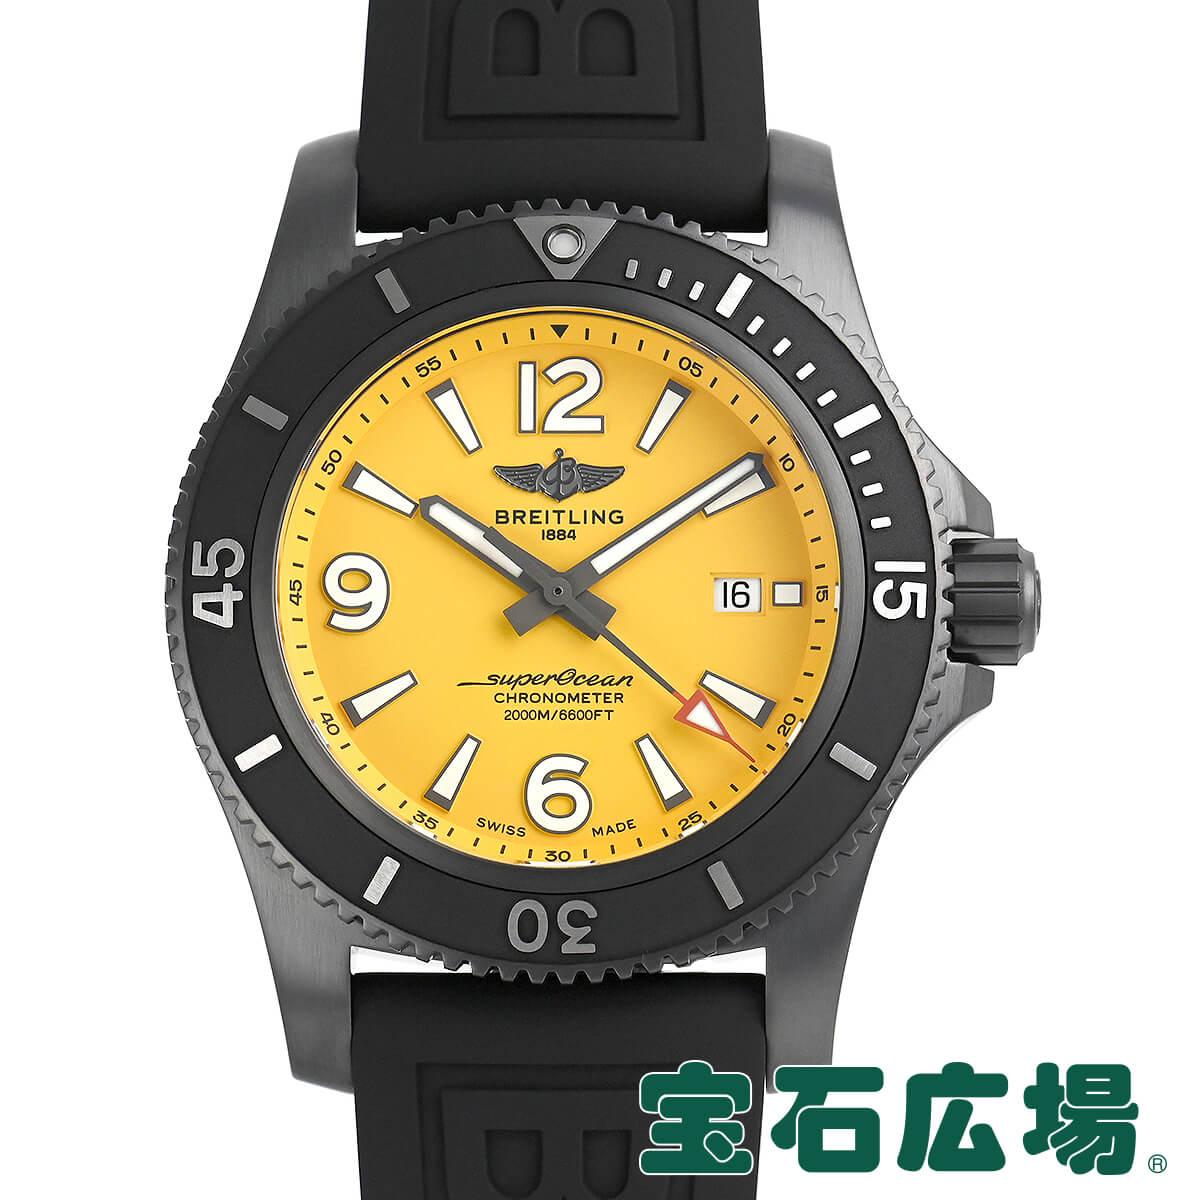 ブライトリング スーパーオーシャン オートマチック46 M296I-1VPB M17368D71I1S1 新品 メンズ (人気激安) BREITLING 送料無料 大規模セール 腕時計